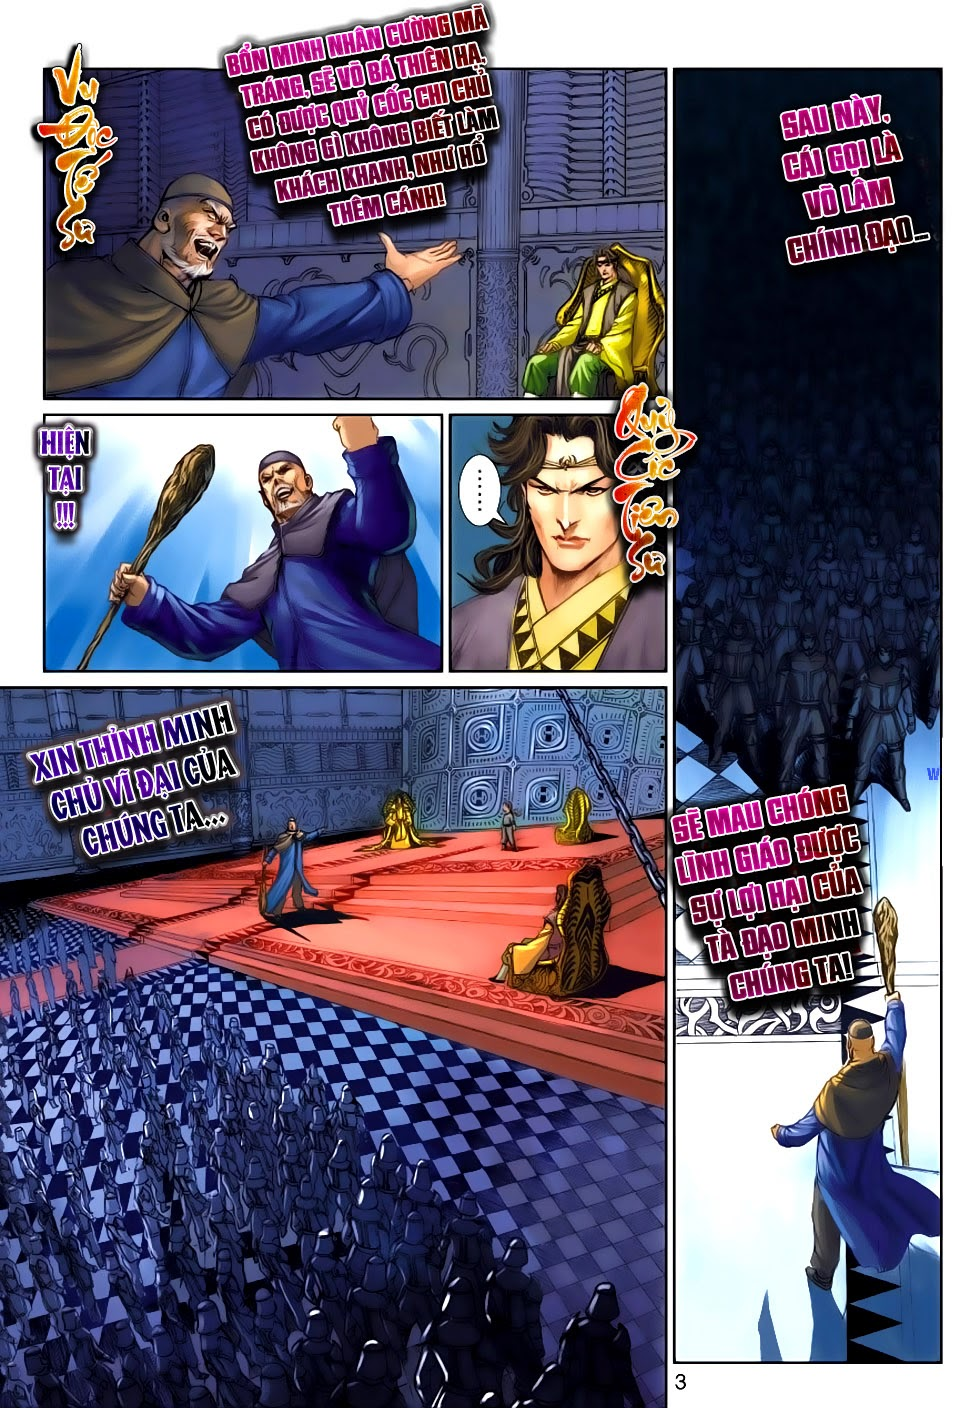 Thần Binh Tiền Truyện 4 - Huyền Thiên Tà Đế chap 13 - Trang 3